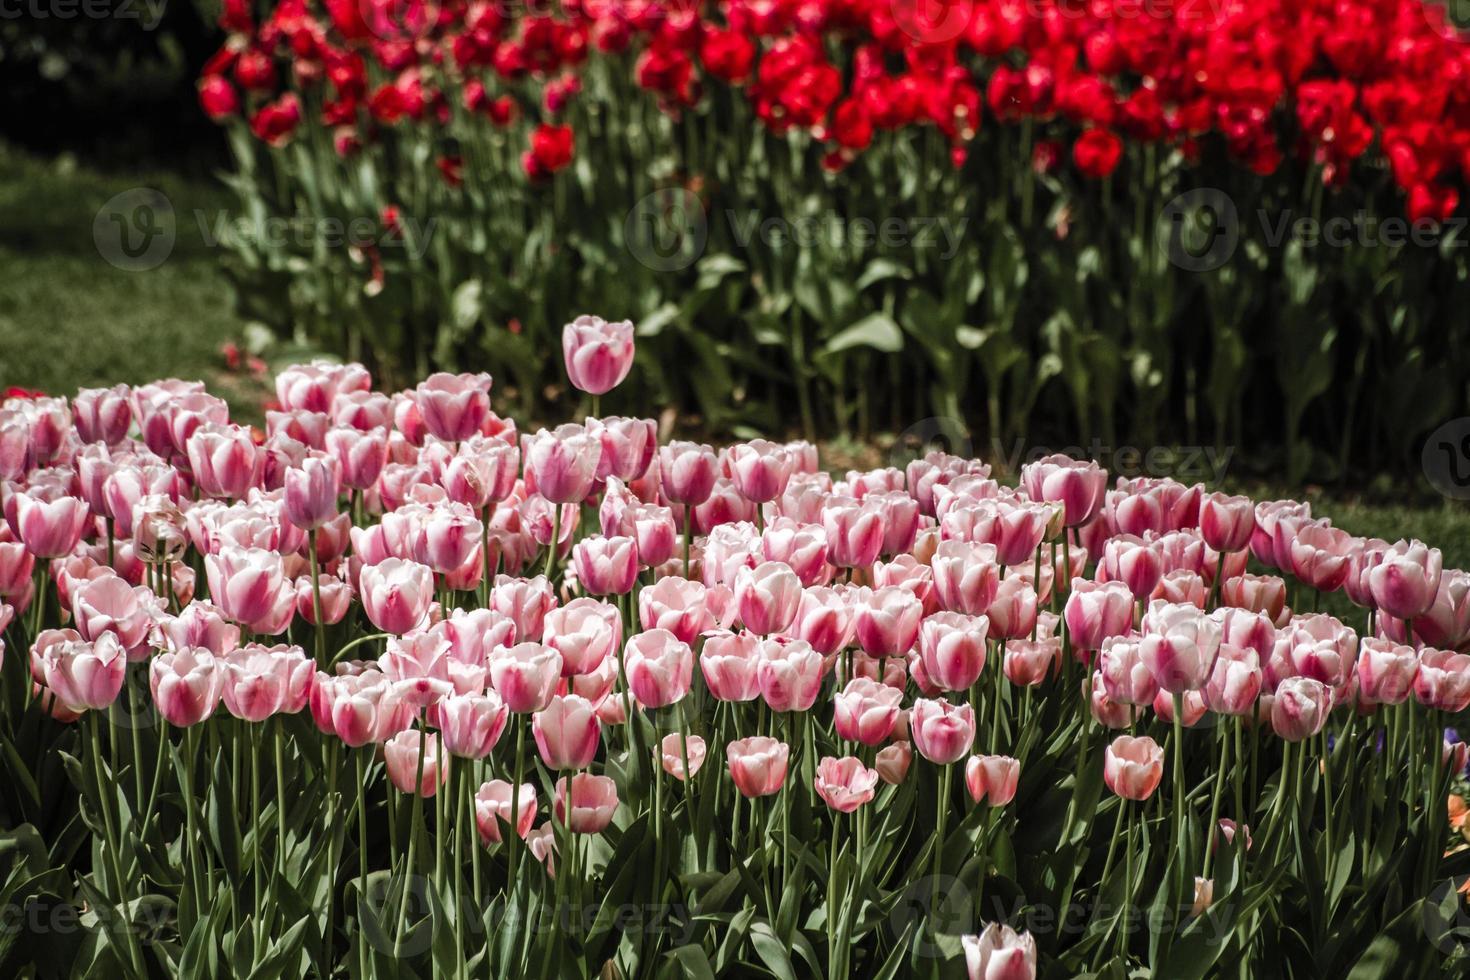 vermelho e mistura de tulipas vermelhas e brancas foto